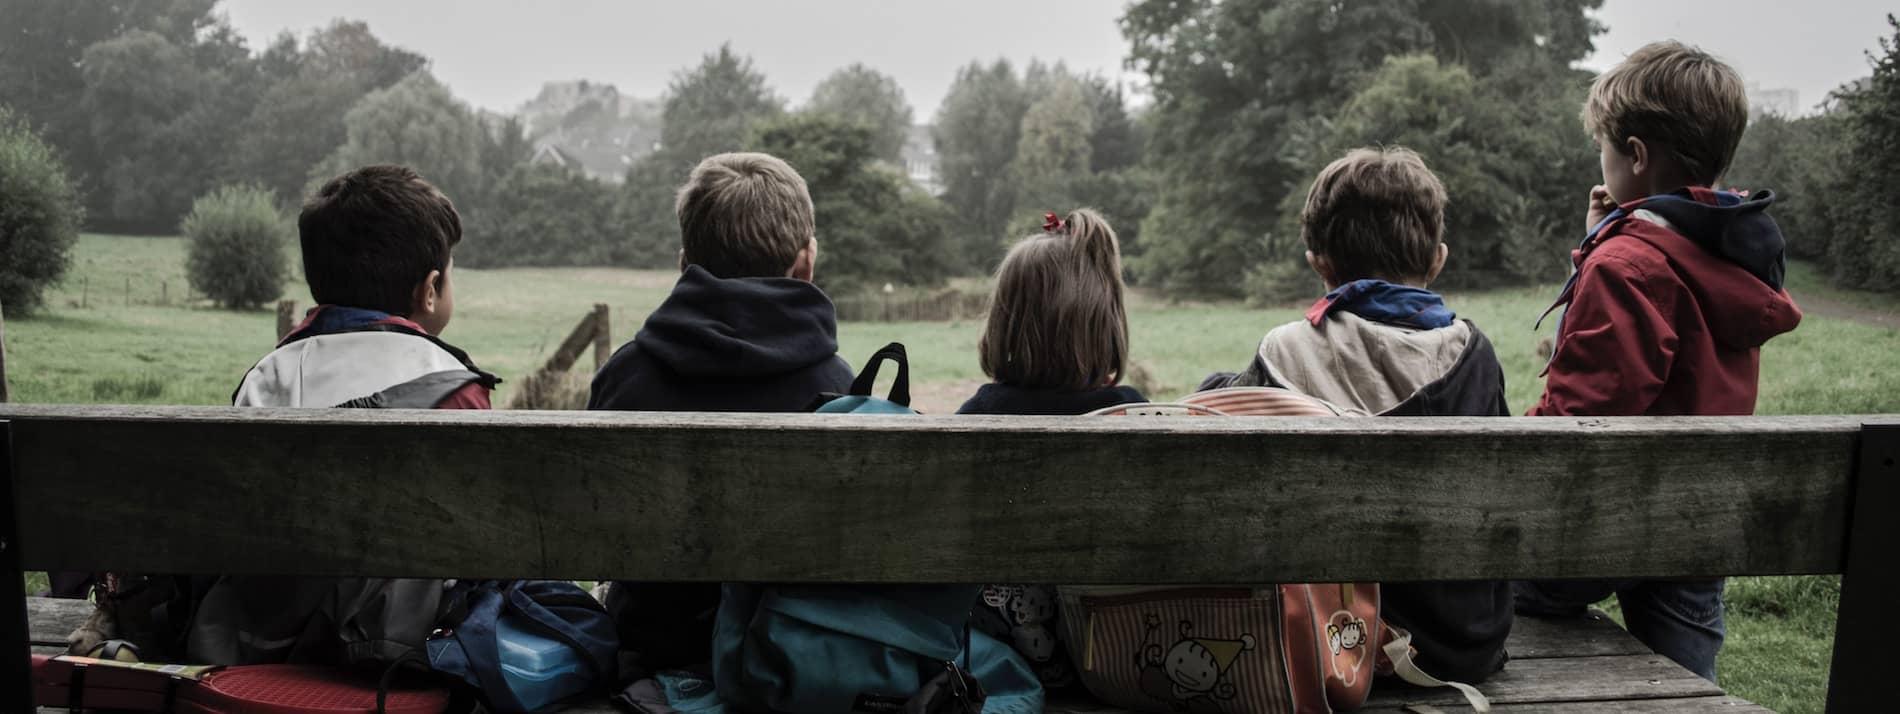 cinq enfants assis sur un banc